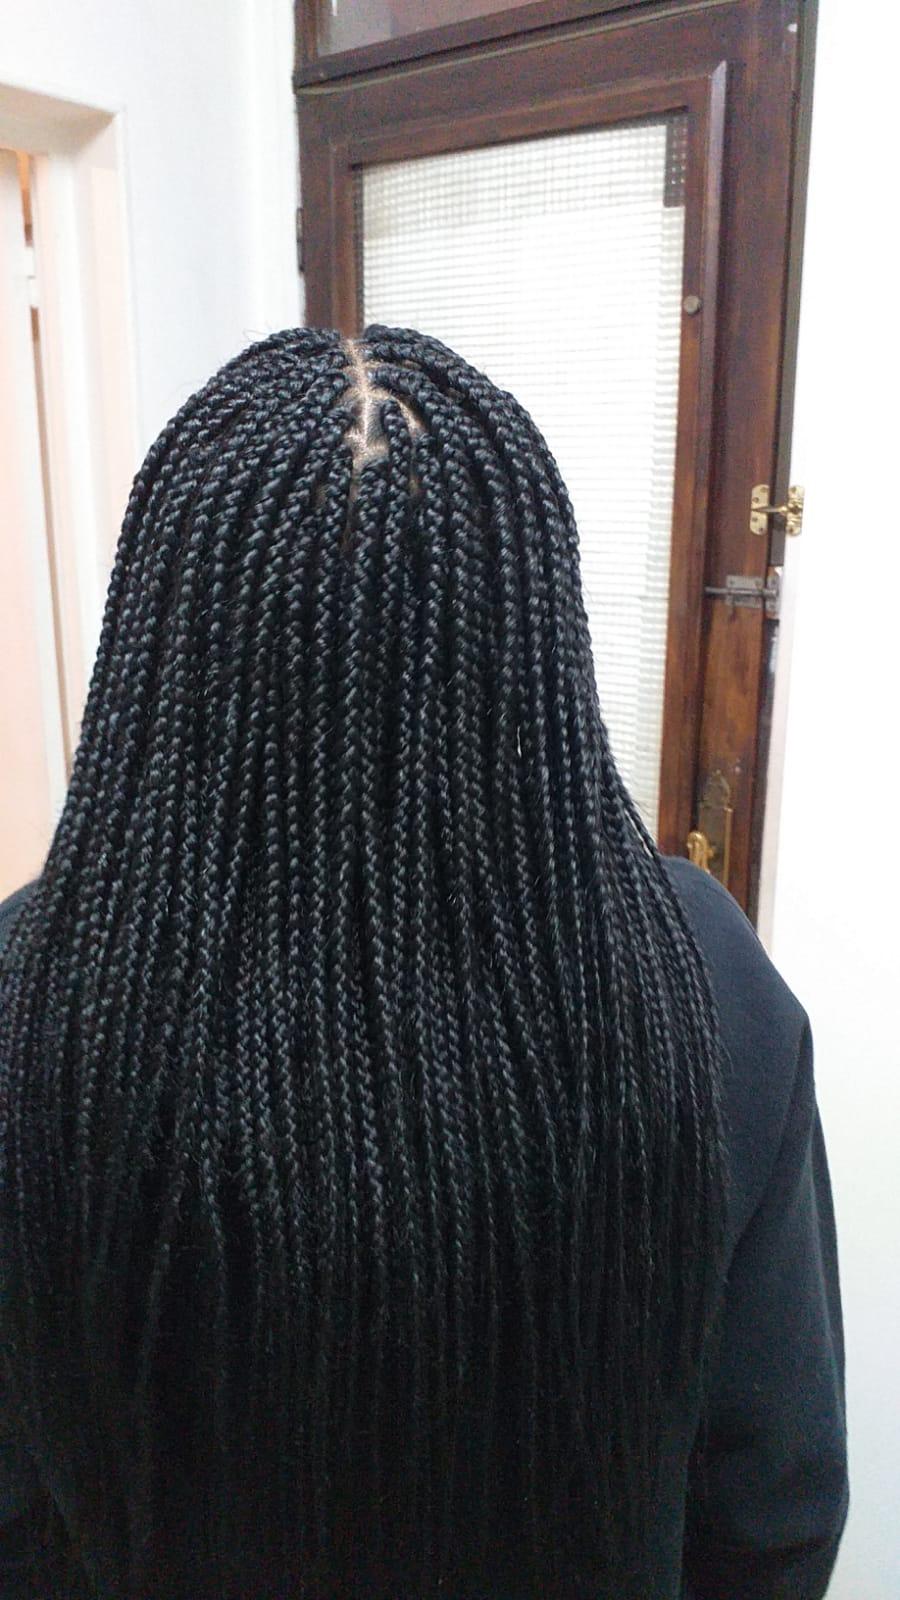 salon de coiffure afro tresse tresses box braids crochet braids vanilles tissages paris 75 77 78 91 92 93 94 95 FVQXNJCB